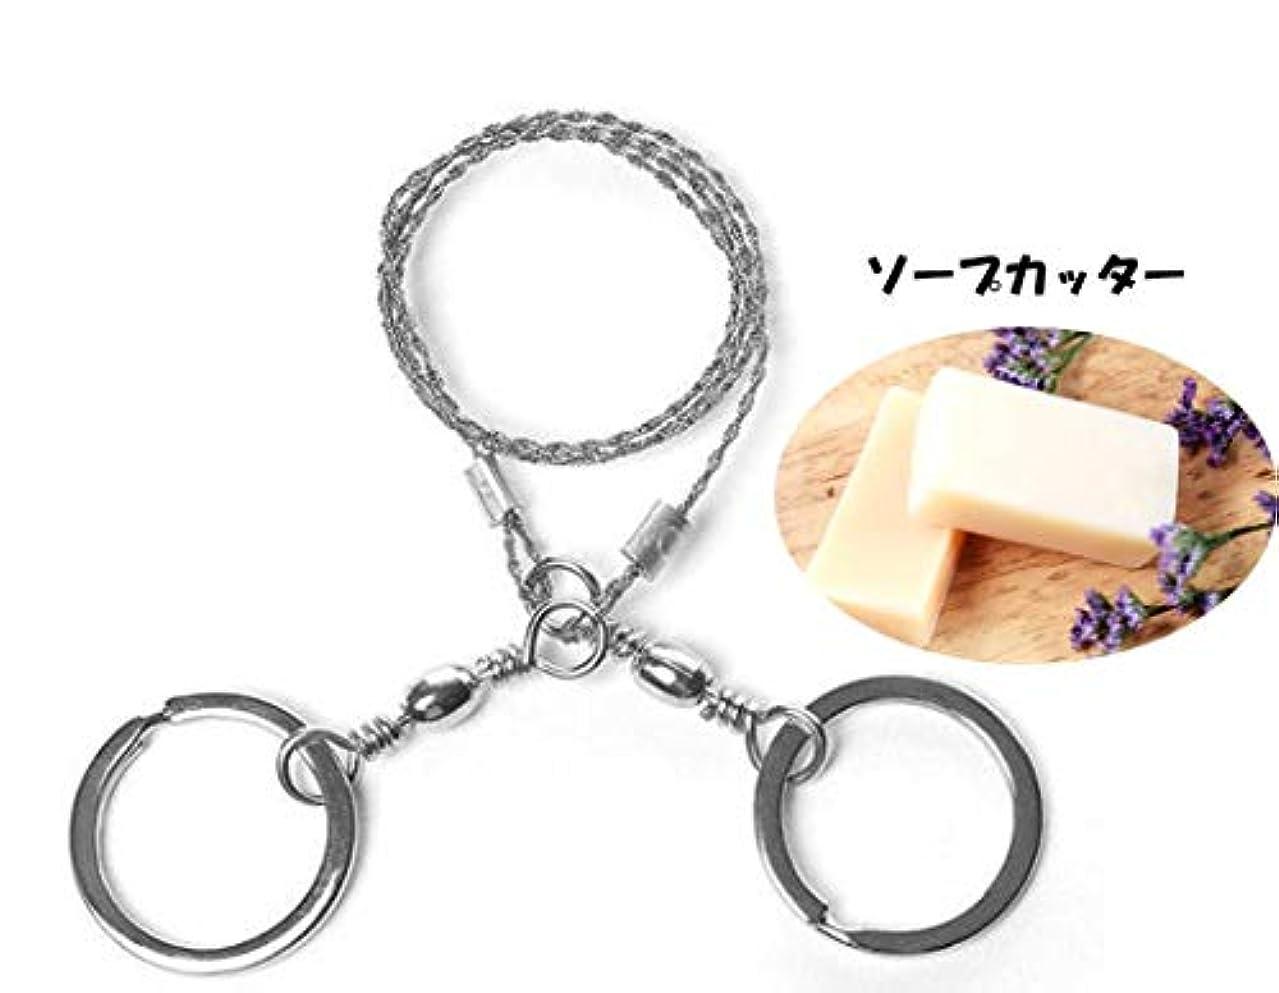 バウンド化石うそつきワイヤーカッター ハンドルソープ カッター 糸鋸 手作り石けん Soap Making 小型 便利 持ち手リング付 軽量